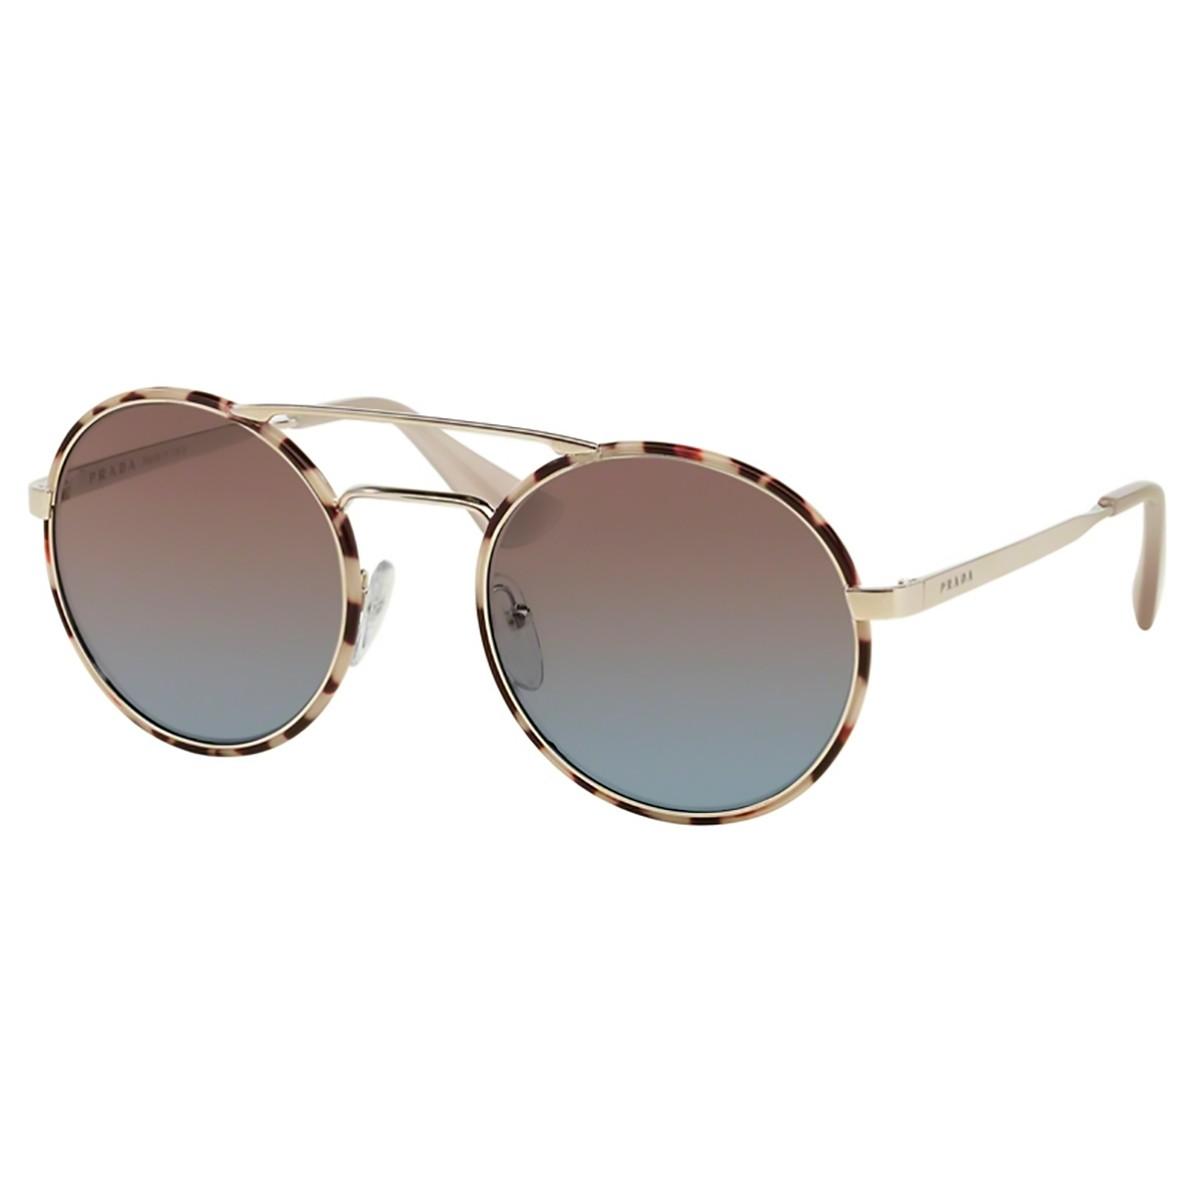 3c944d415a4db Compre Óculos de Sol Prada em 10X